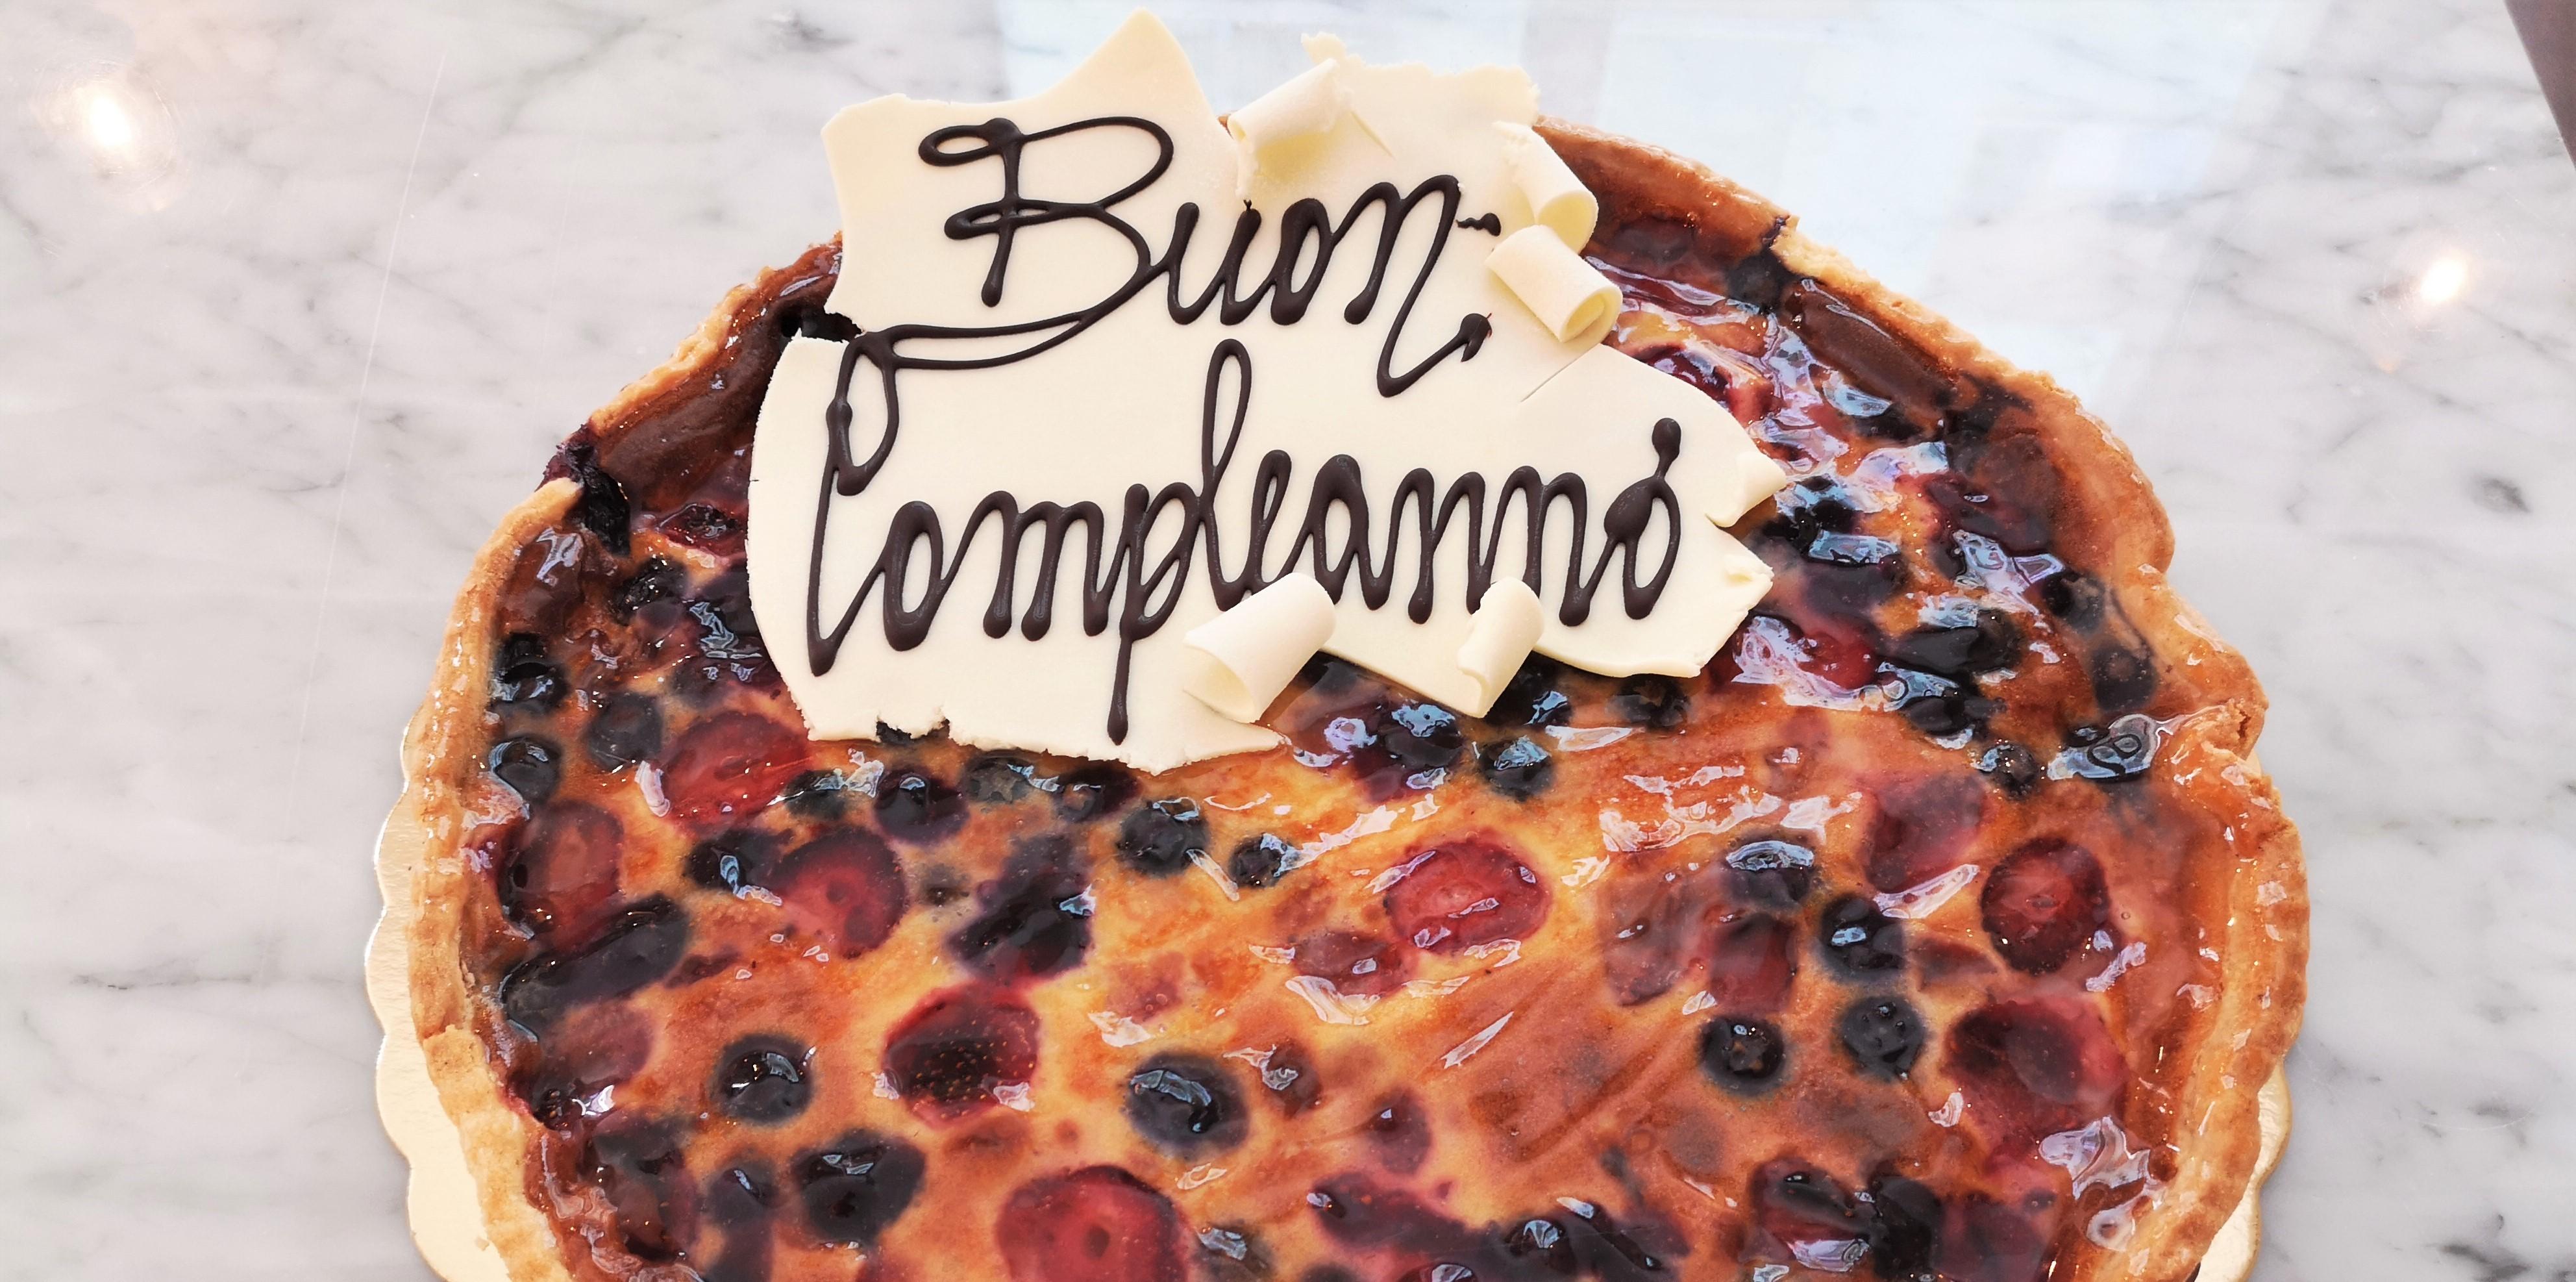 torta senza glutine a La Madia di Torino